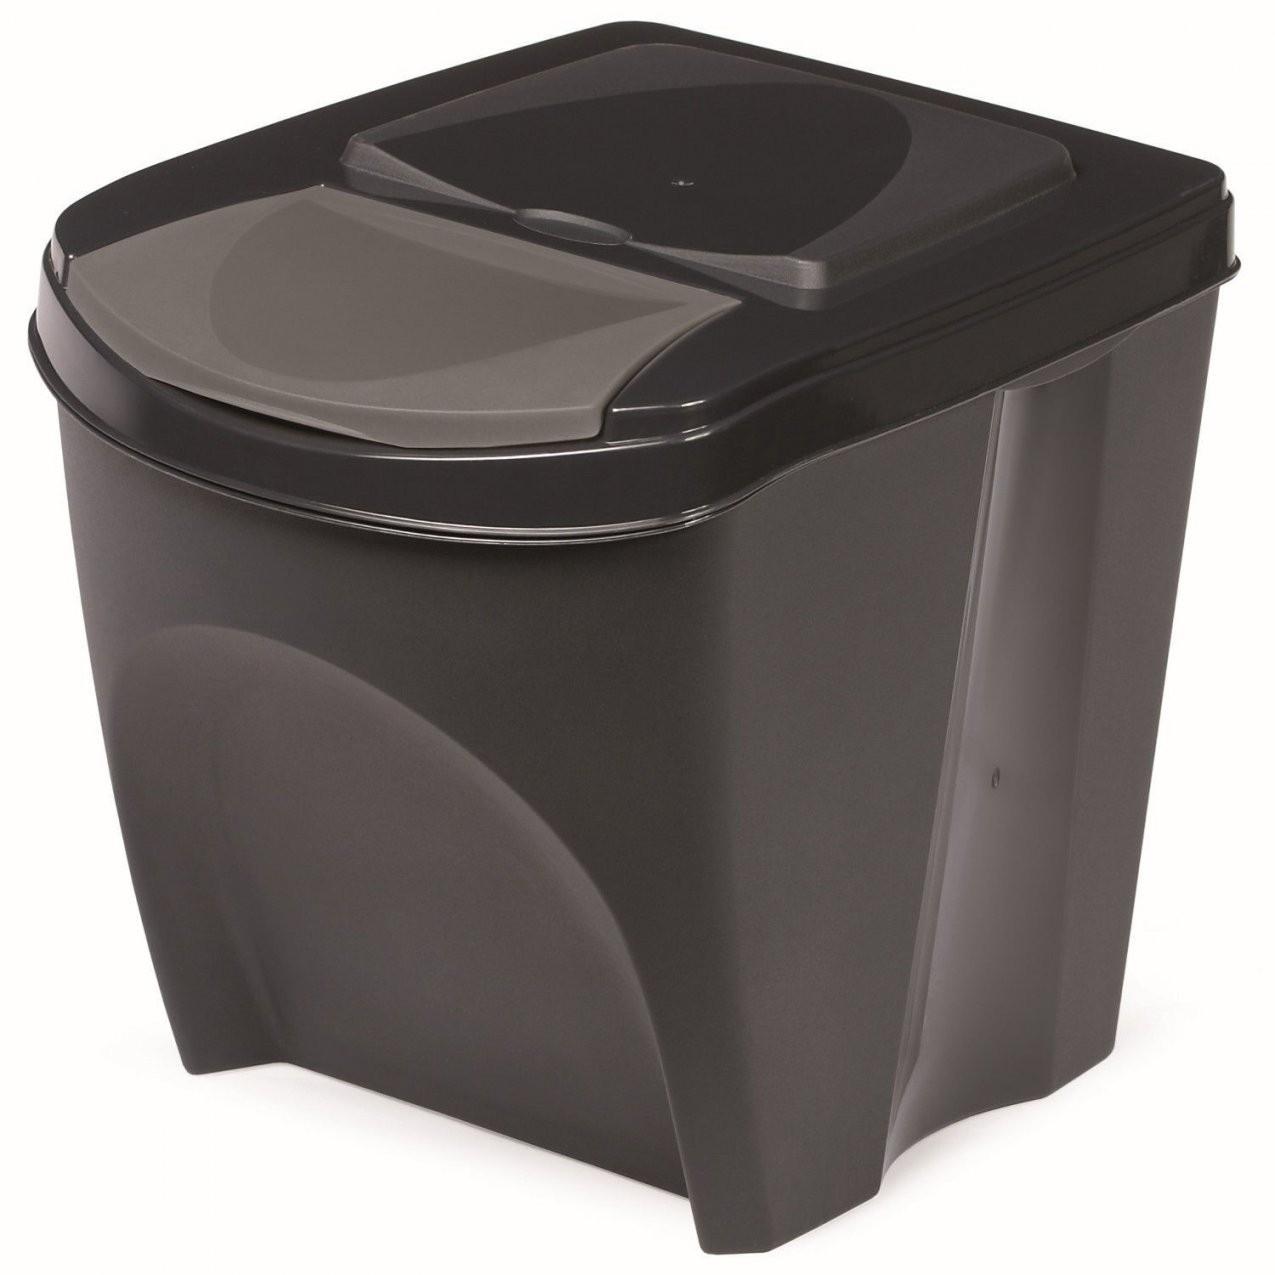 Mülleimer Küche 60 Liter  Abfalleimer Küche 60 Liter Beau Index Of von Abfalleimer Küche 60 Liter Bild